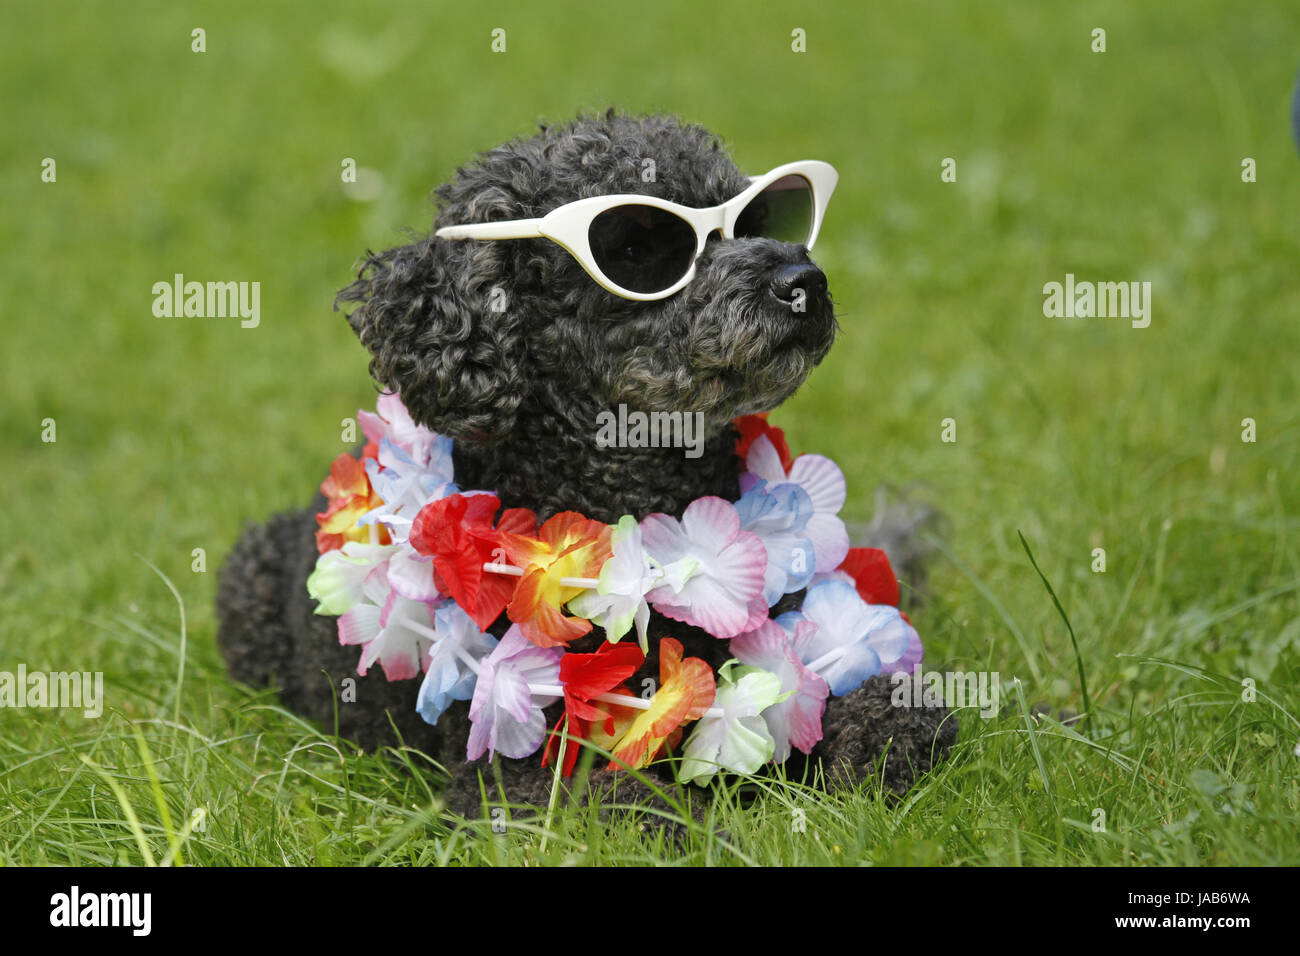 Urlaub, Ferien, Urlaub, Ferien, farbige, bunte, wunderschöne, Stockbild